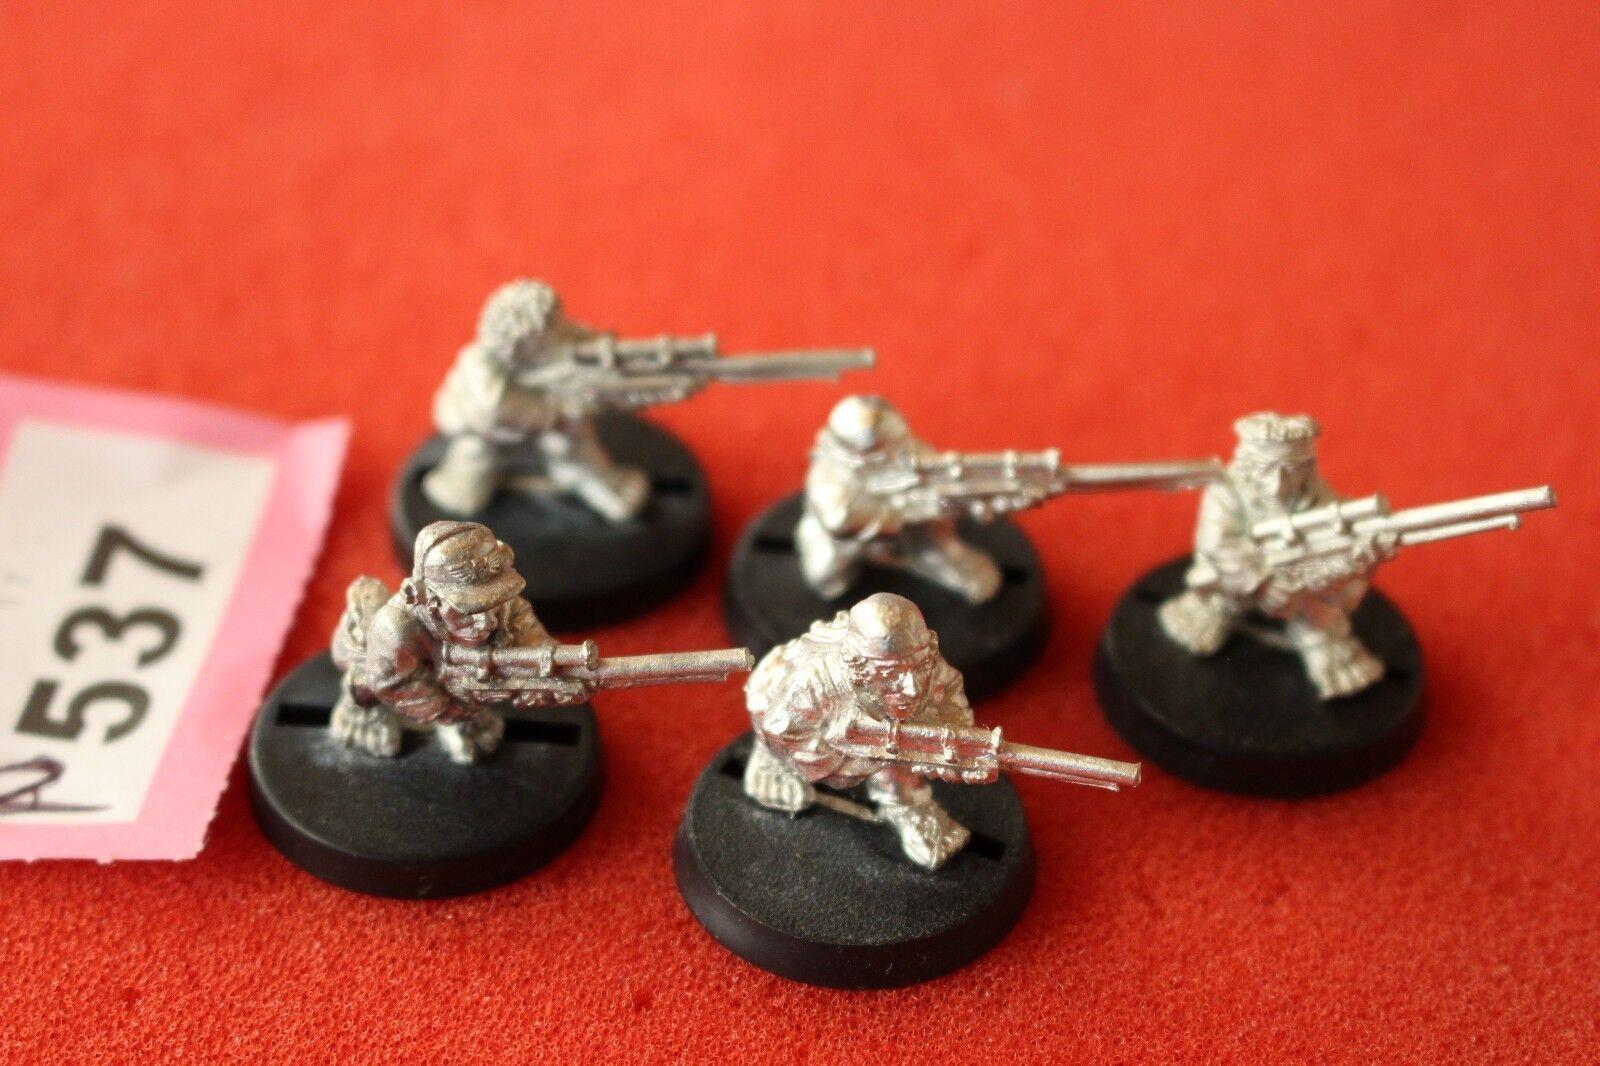 Warhammer 40k astra games workshop militarum ratlings scharfschützen - team aus x5 -